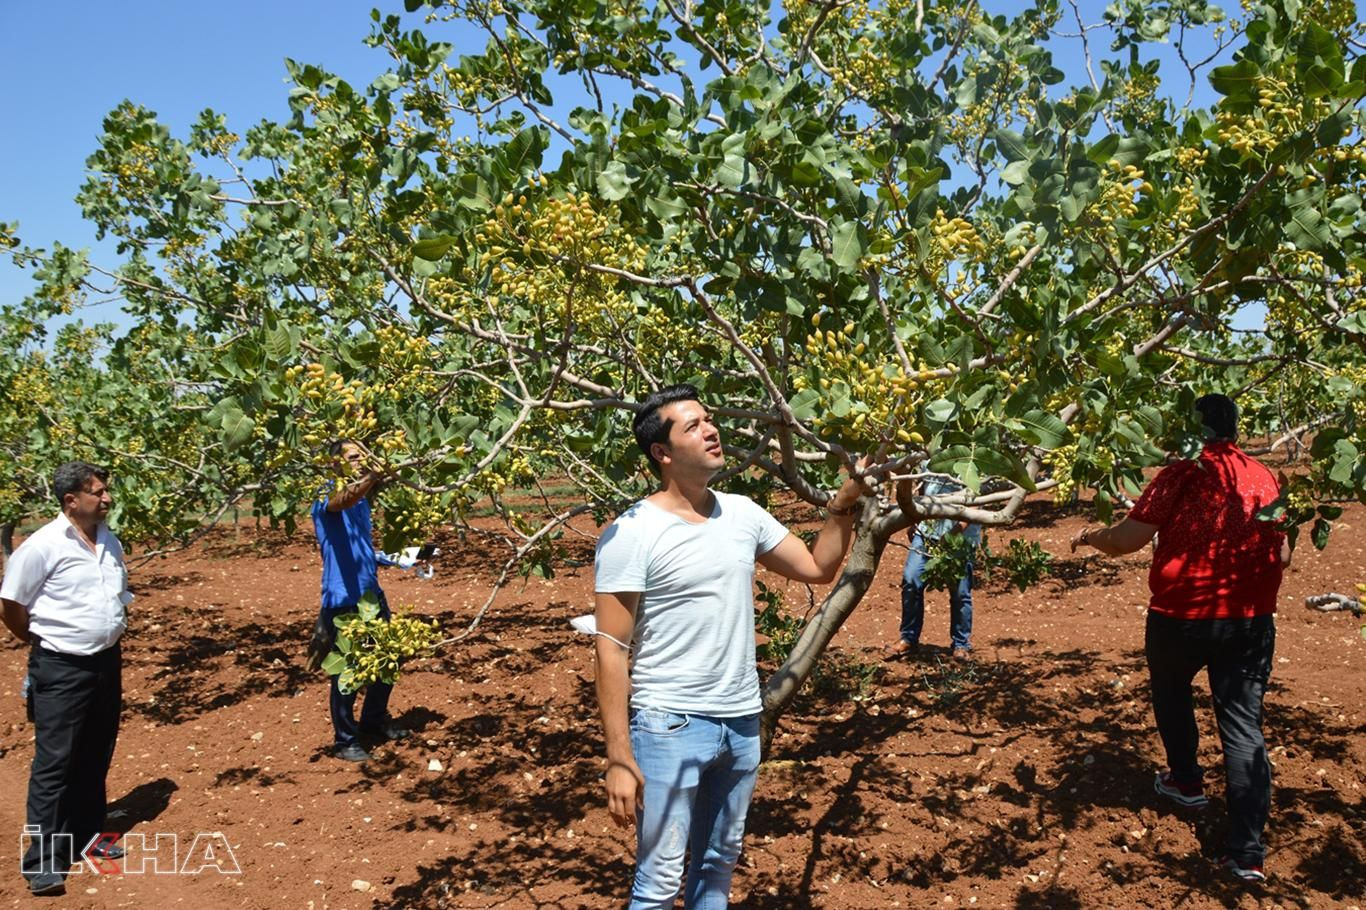 Fıstık üreticileri: Siirt'te son 10 yılın en yüksek fıstık rekoltesi bekleniyor